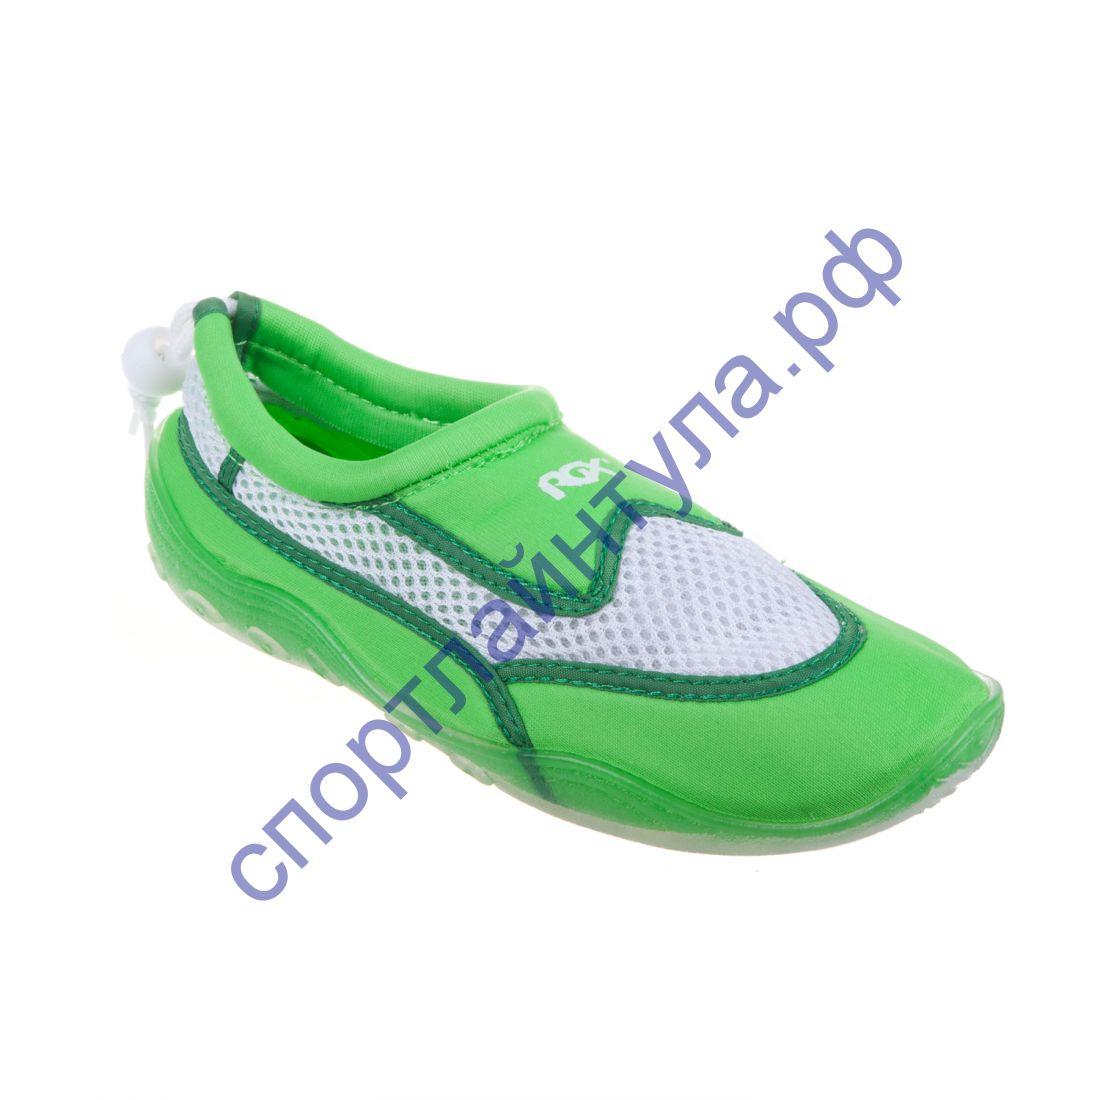 Коралловые тапочки RGX KR8 зеленые